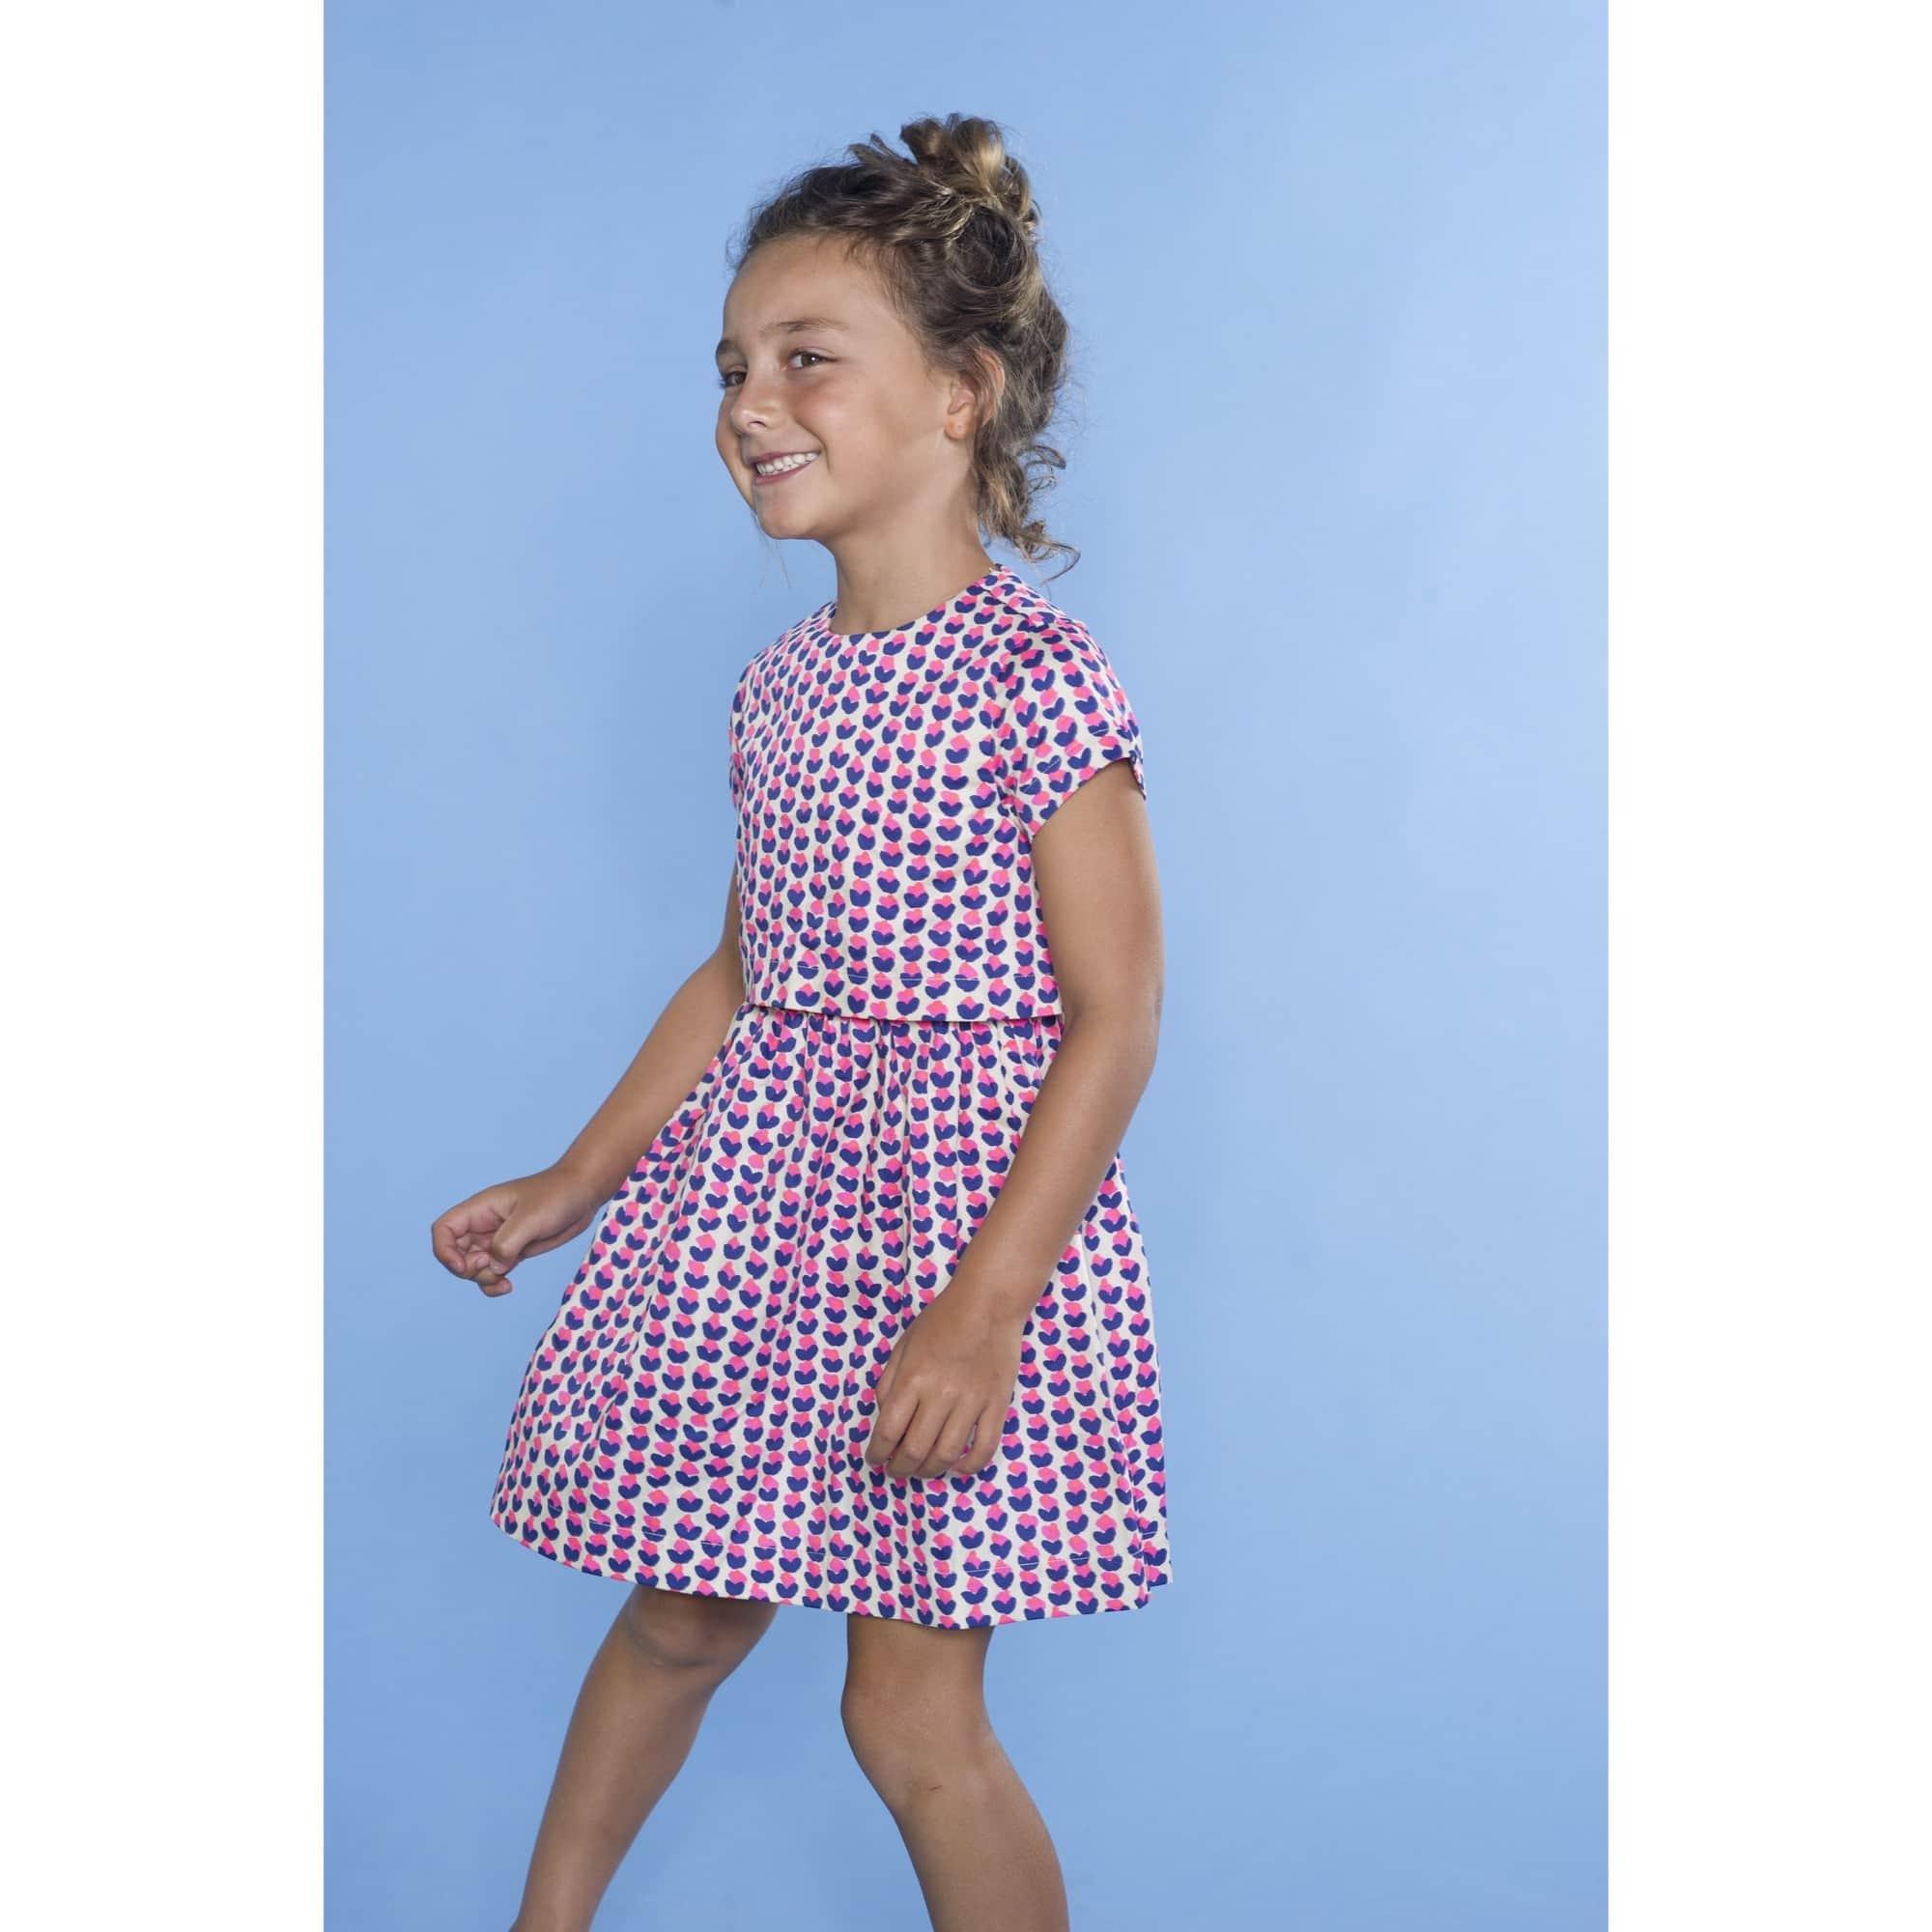 smiling child model